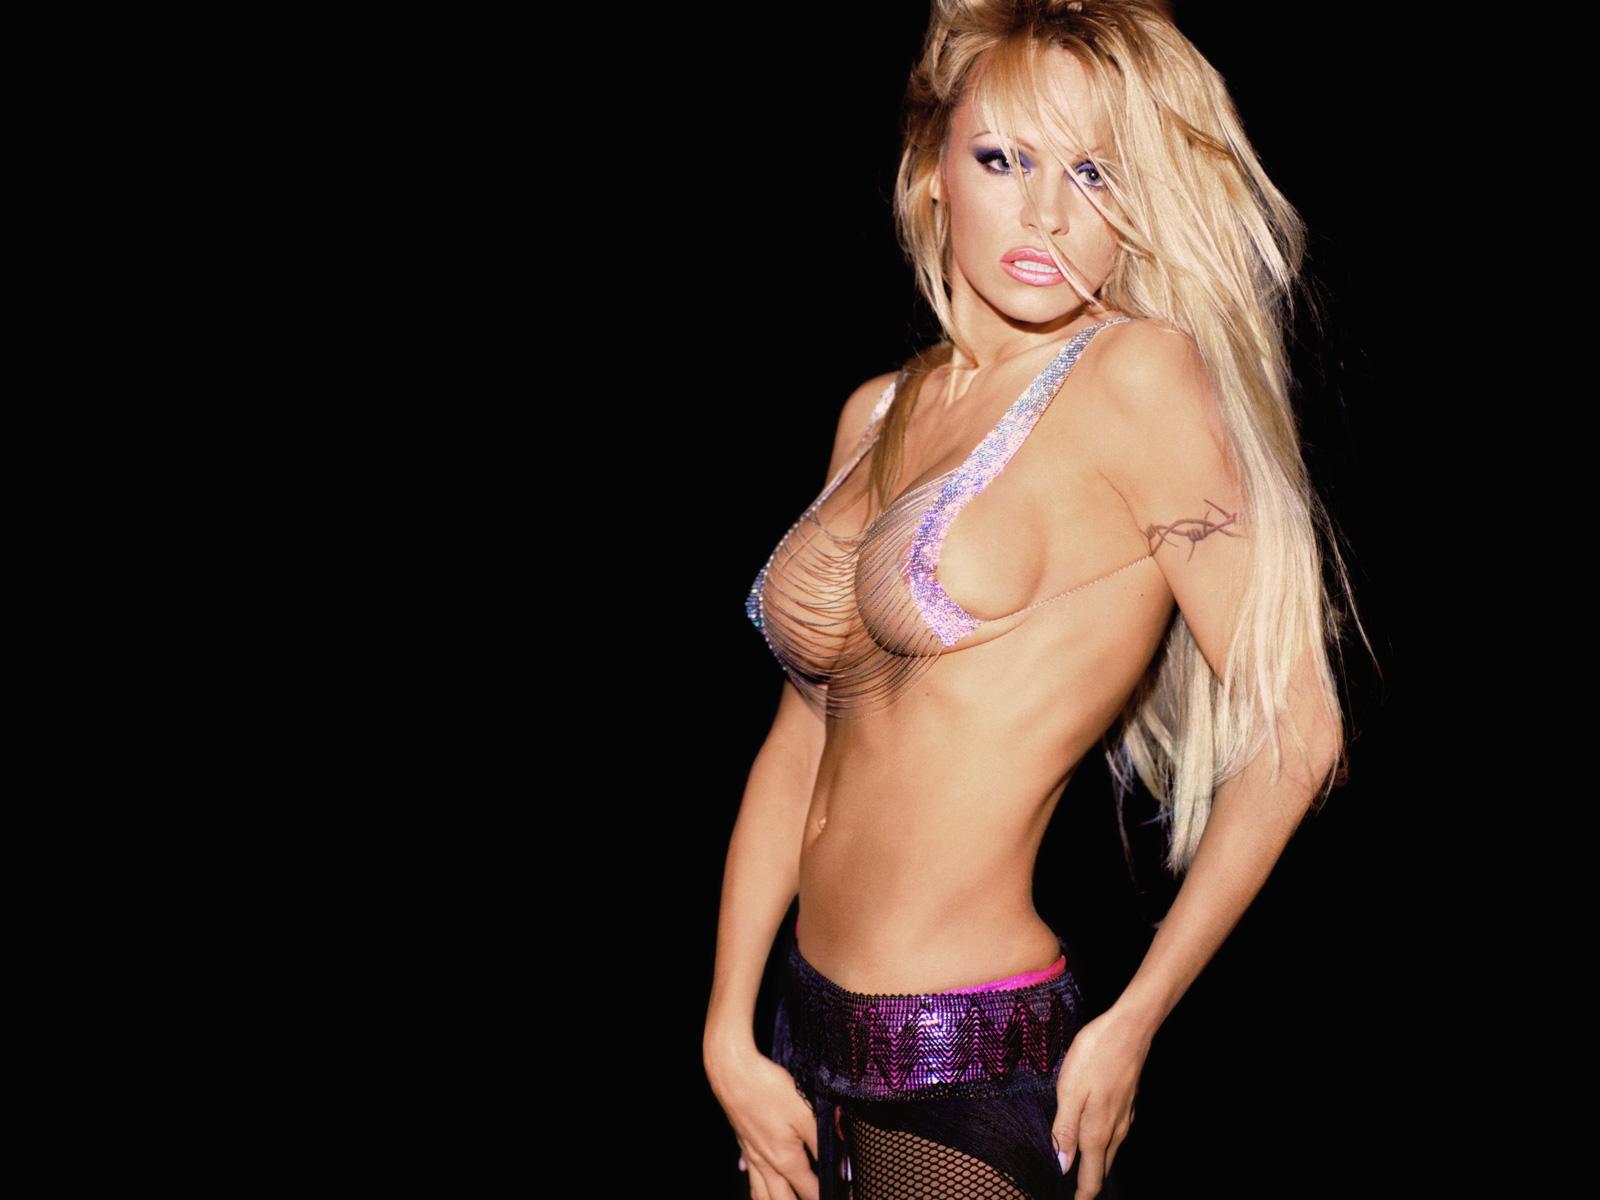 http://4.bp.blogspot.com/_tESHtHXKiDY/TRDur0seSyI/AAAAAAAAA7Q/709hJgVcygw/s1600/pamela_anderson_sexy_hot_nude_wallpaper_pambition_7.jpg